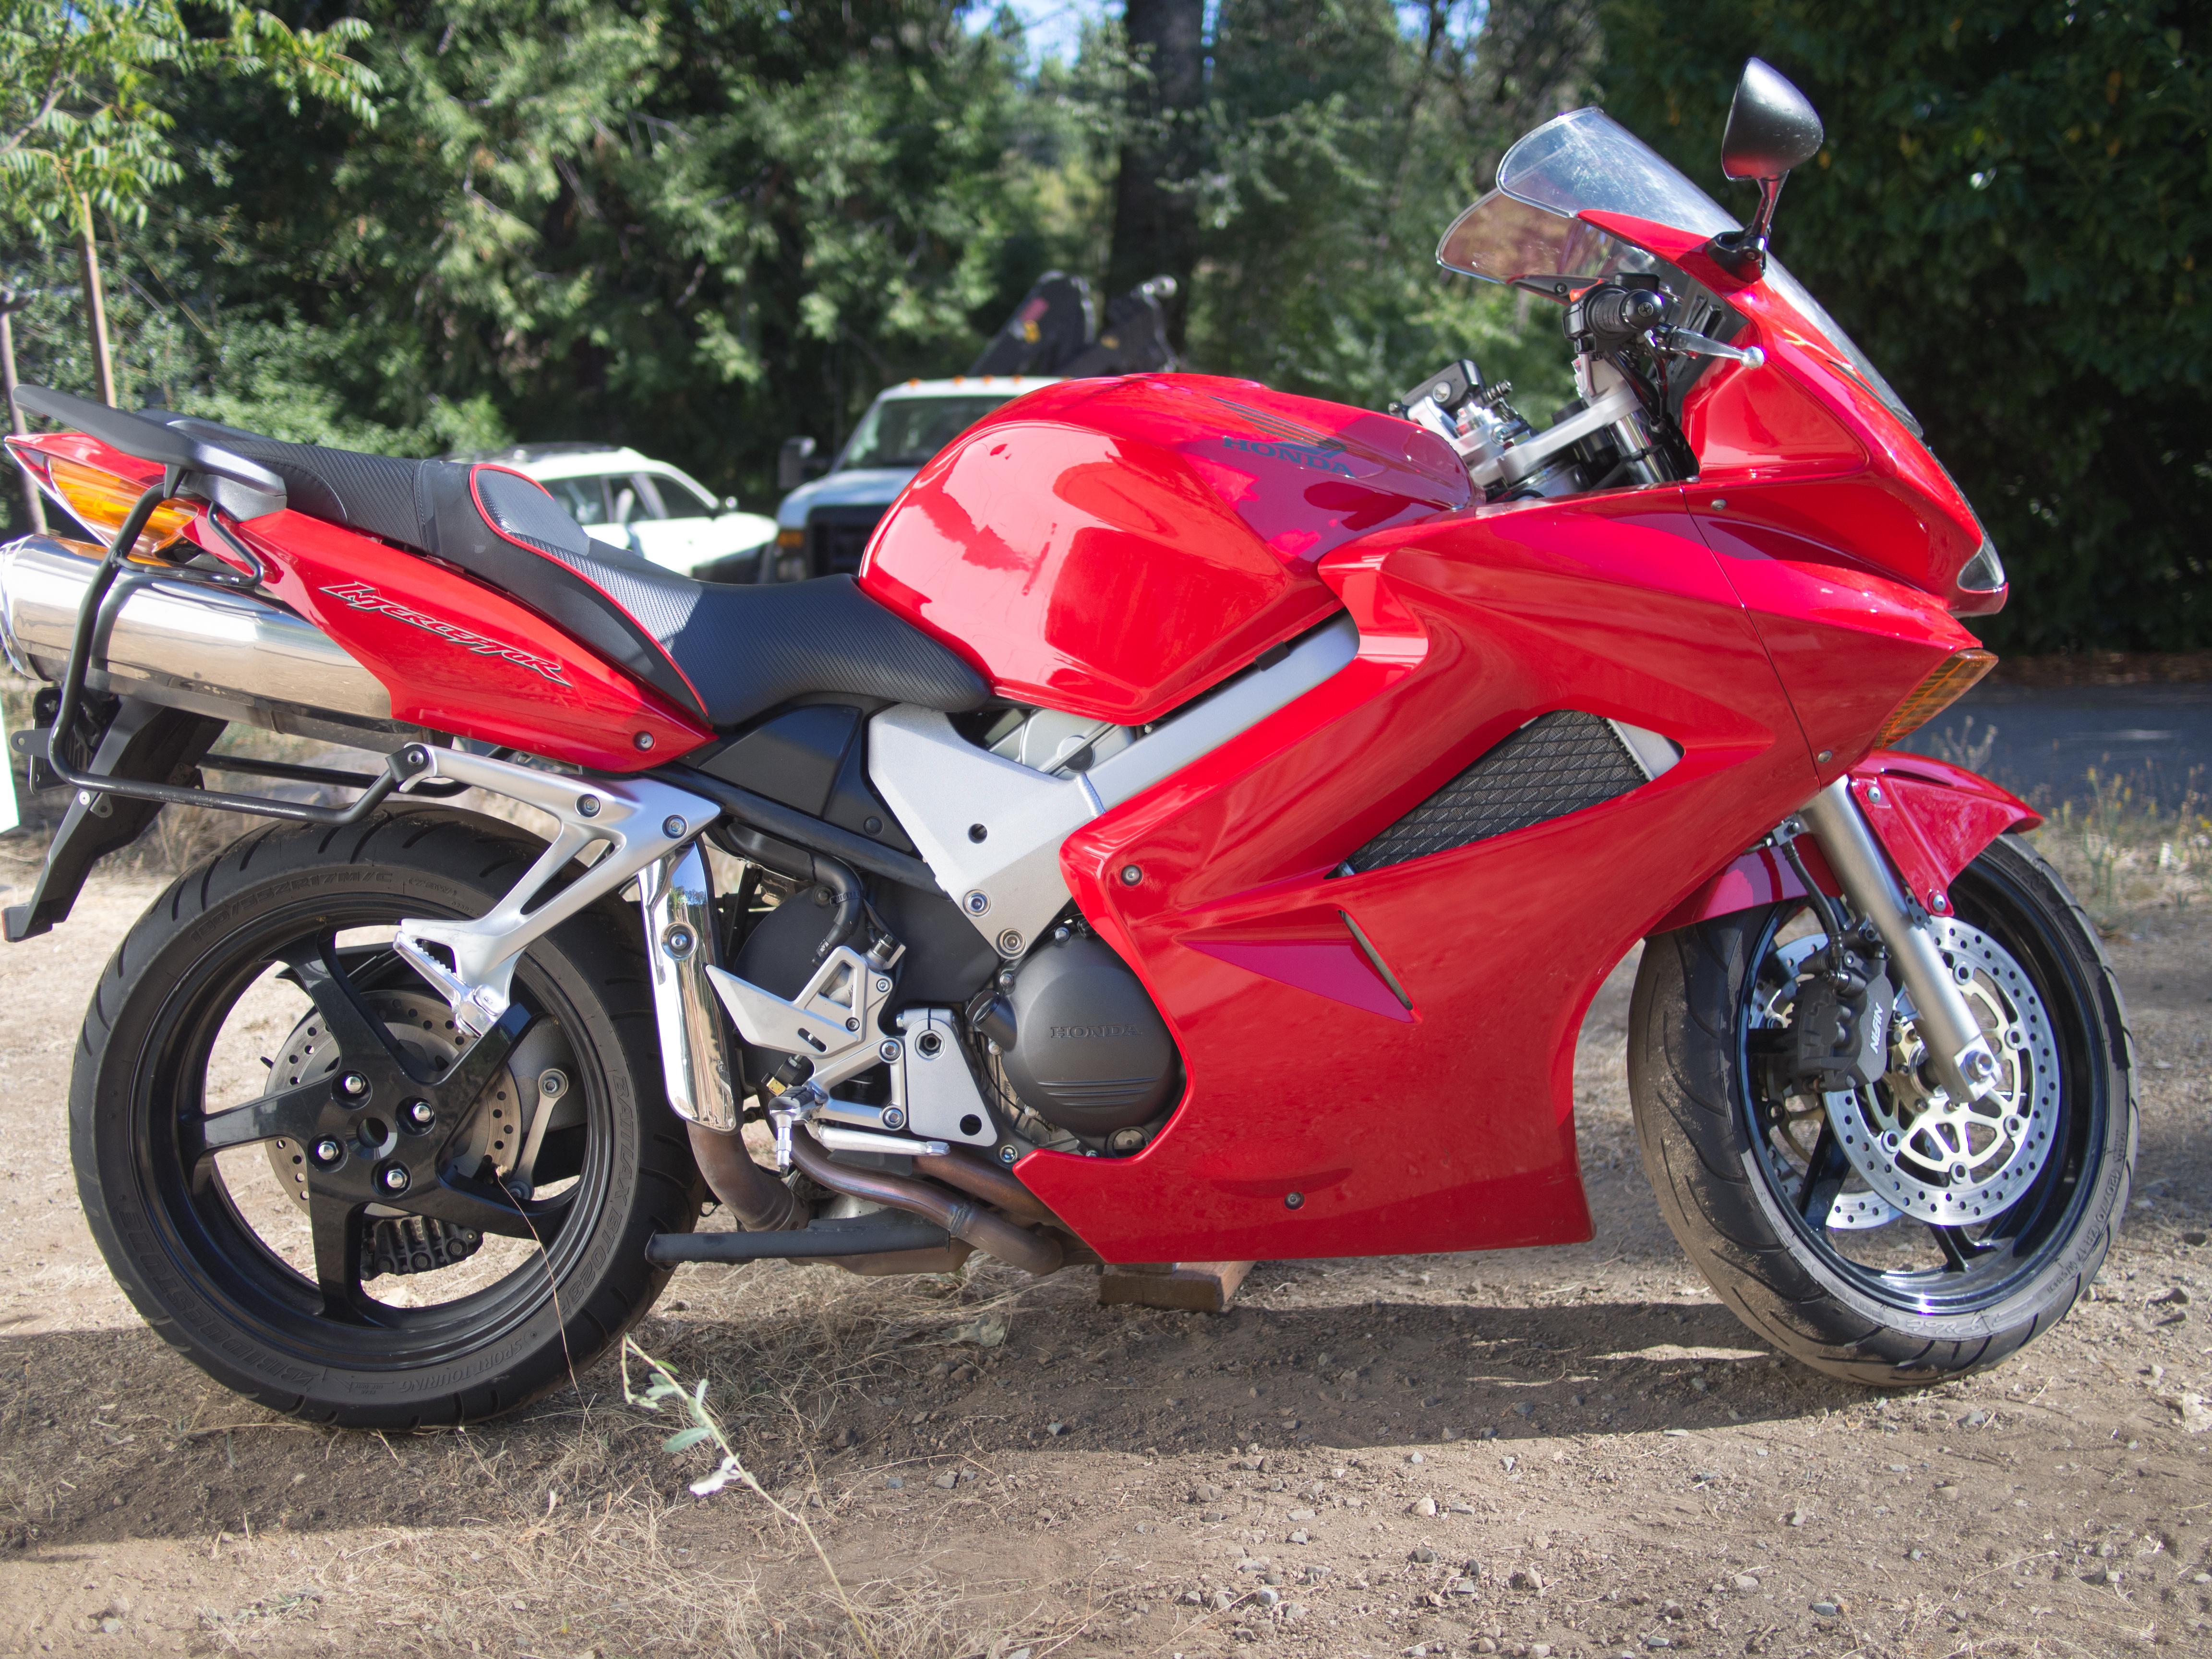 2002 Honda VFR800